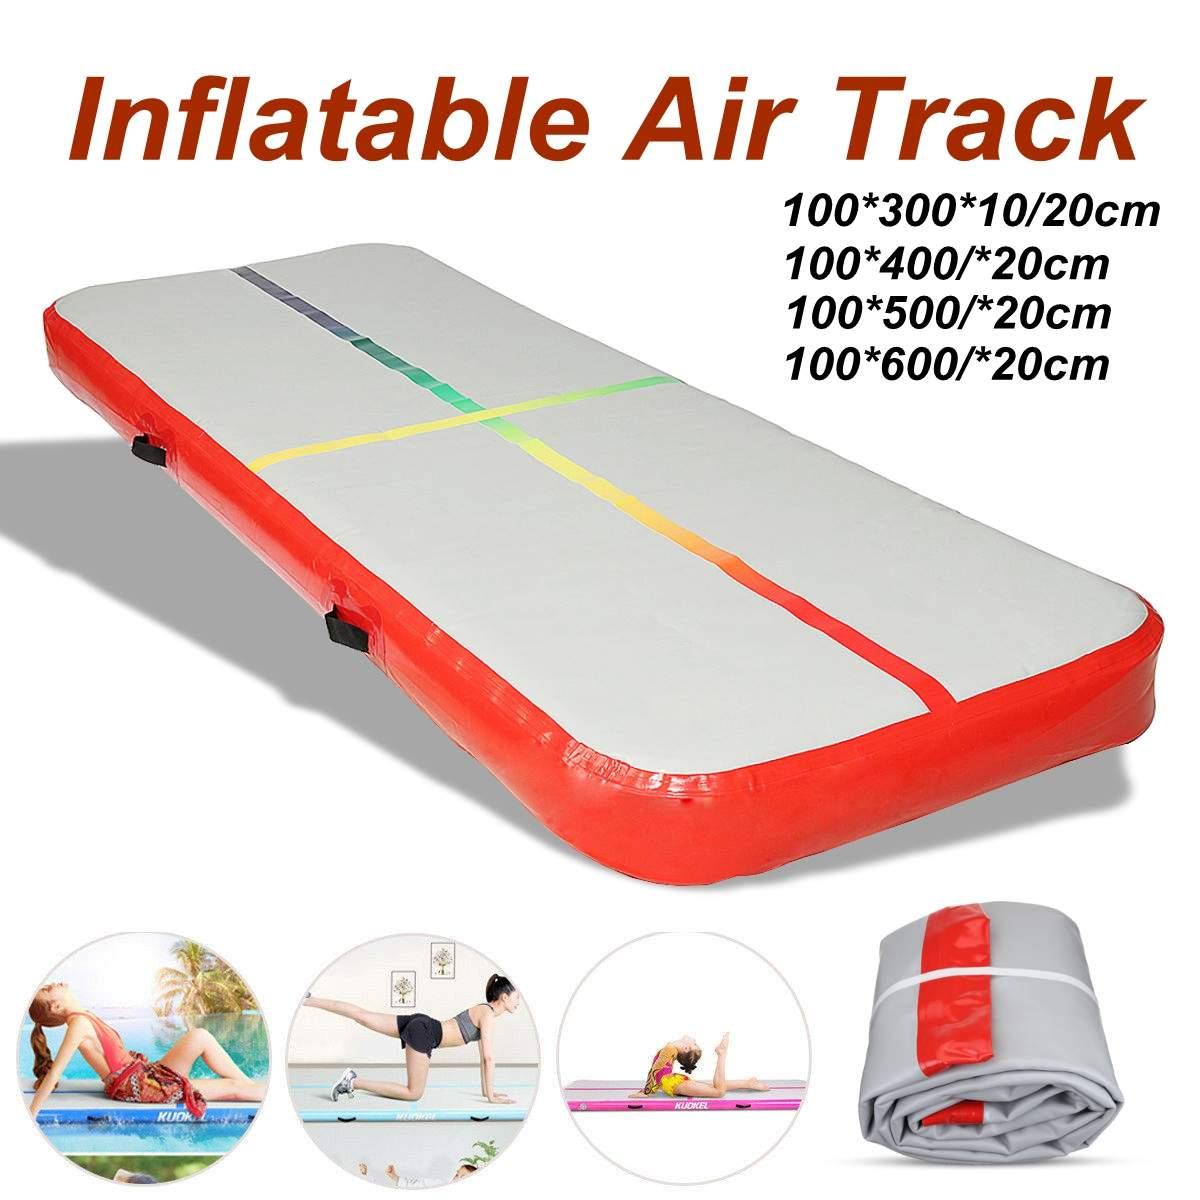 Pompe à Air électrique de Trampoline de plancher de gymnastique gonflable de voie d'air de culbuteur d'airtrack pour l'usage à la maison/formation/Cheerleading/plage